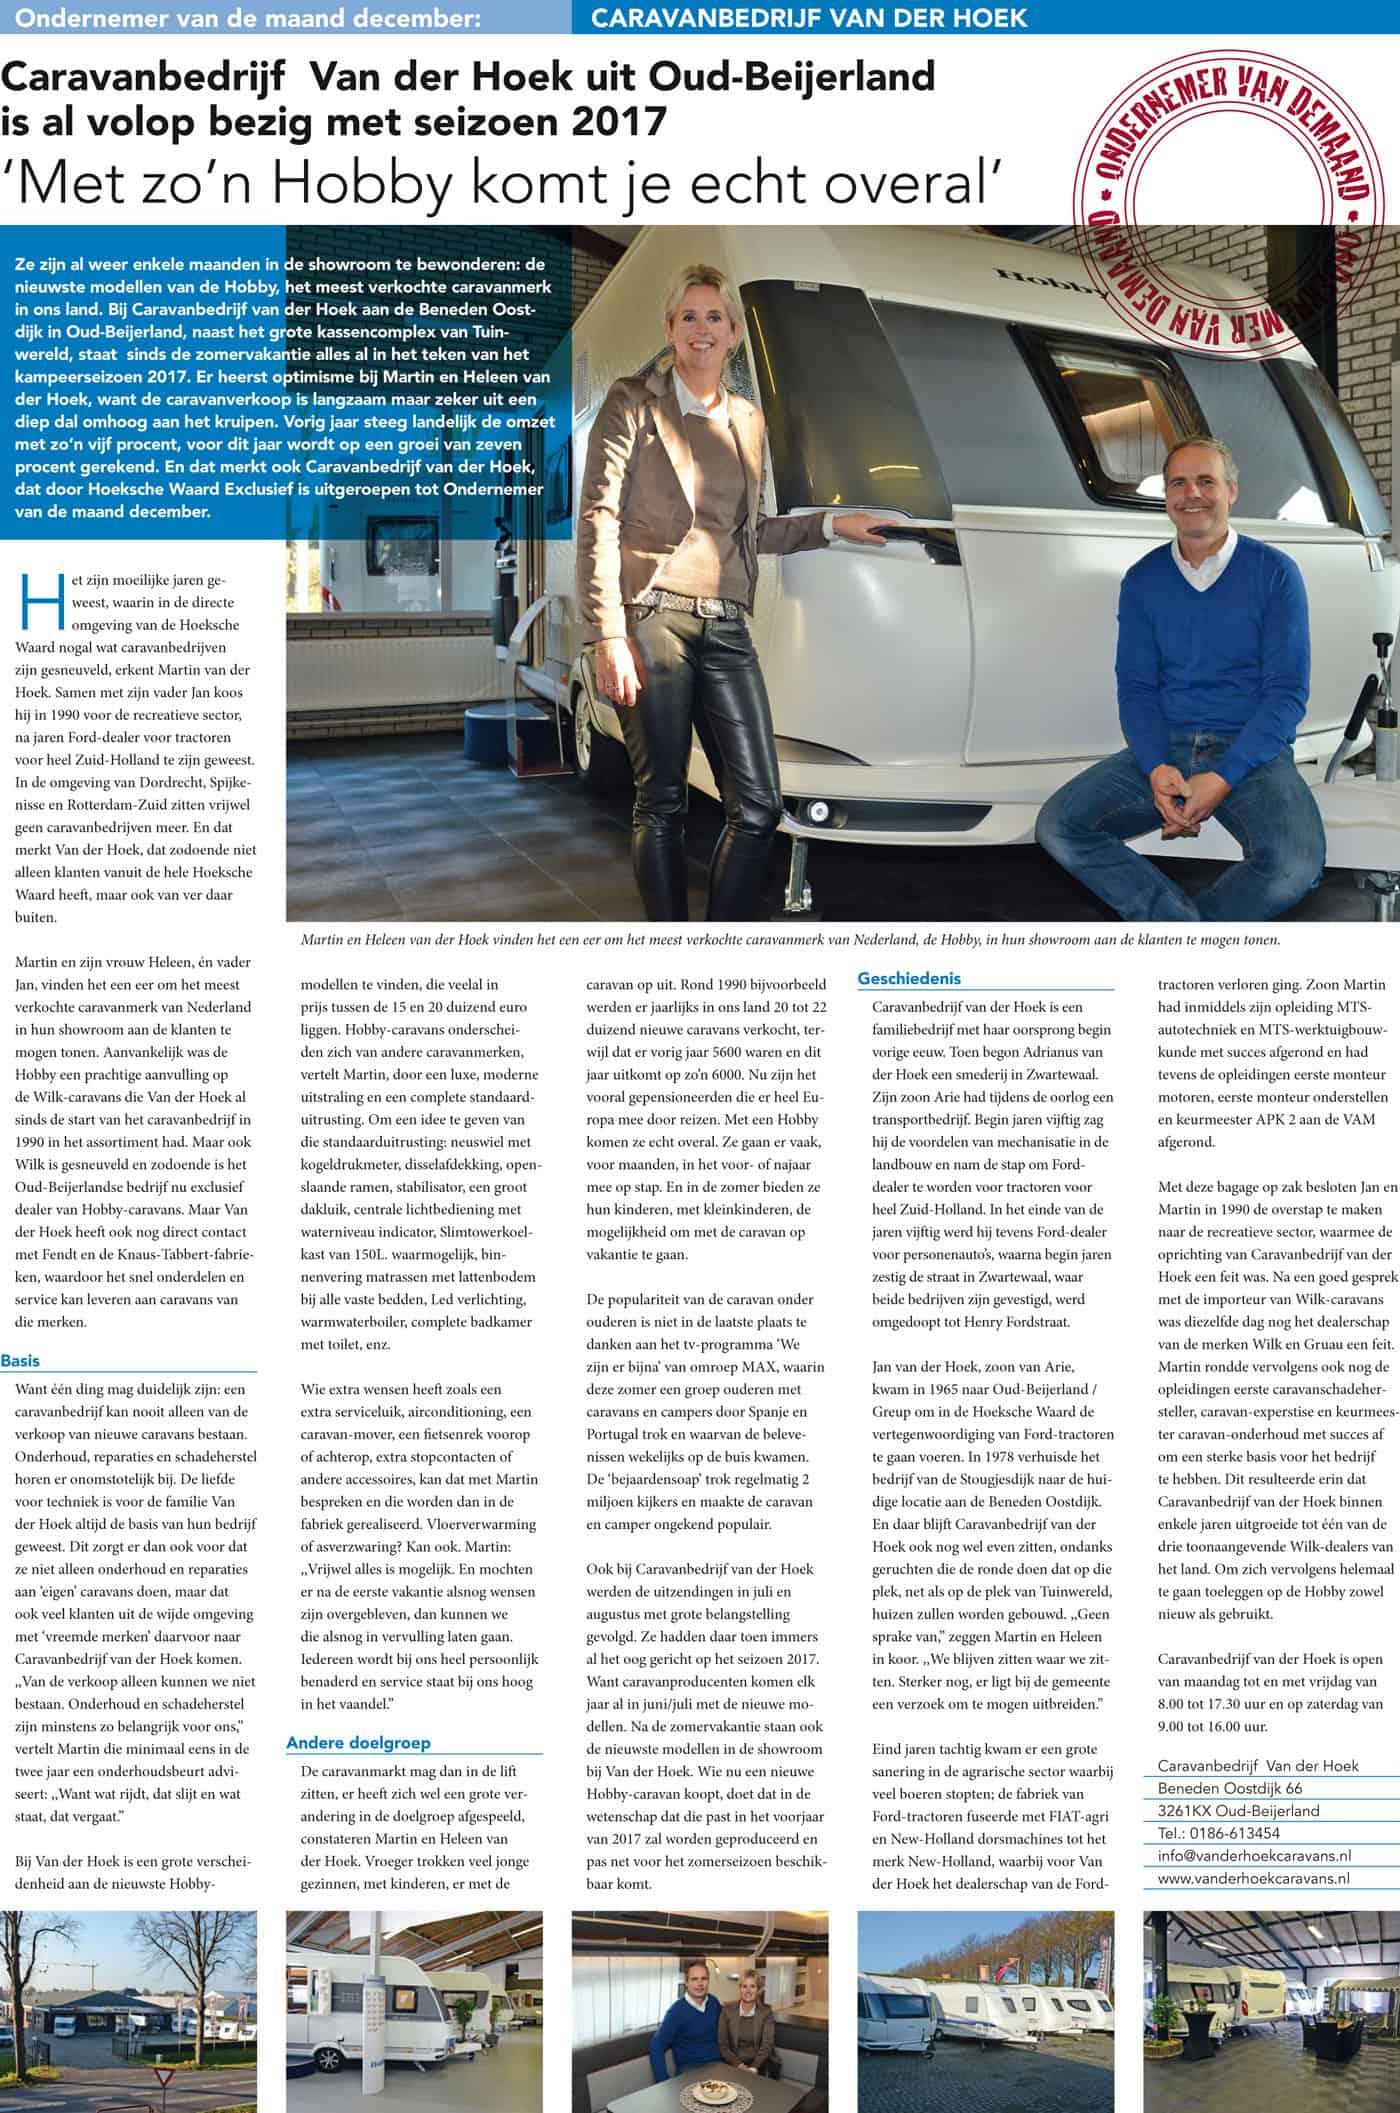 Van der Hoek Caravans - Ondernemer van de maand!